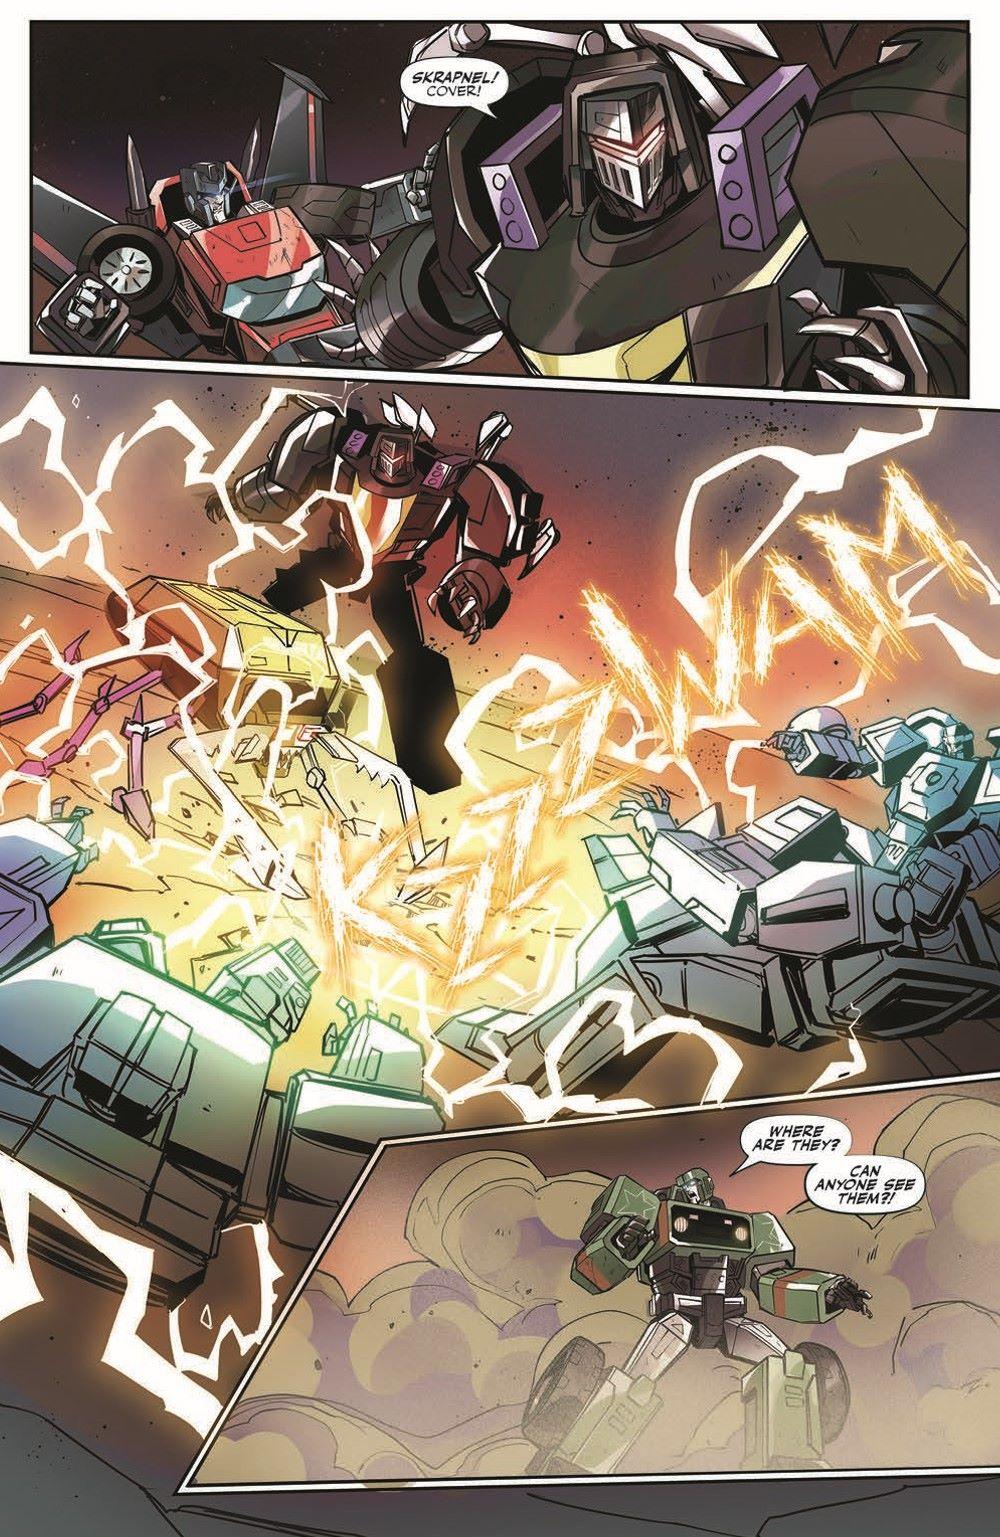 TFEscape03-pr-6 ComicList Previews: TRANSFORMERS ESCAPE #3 (OF 5)